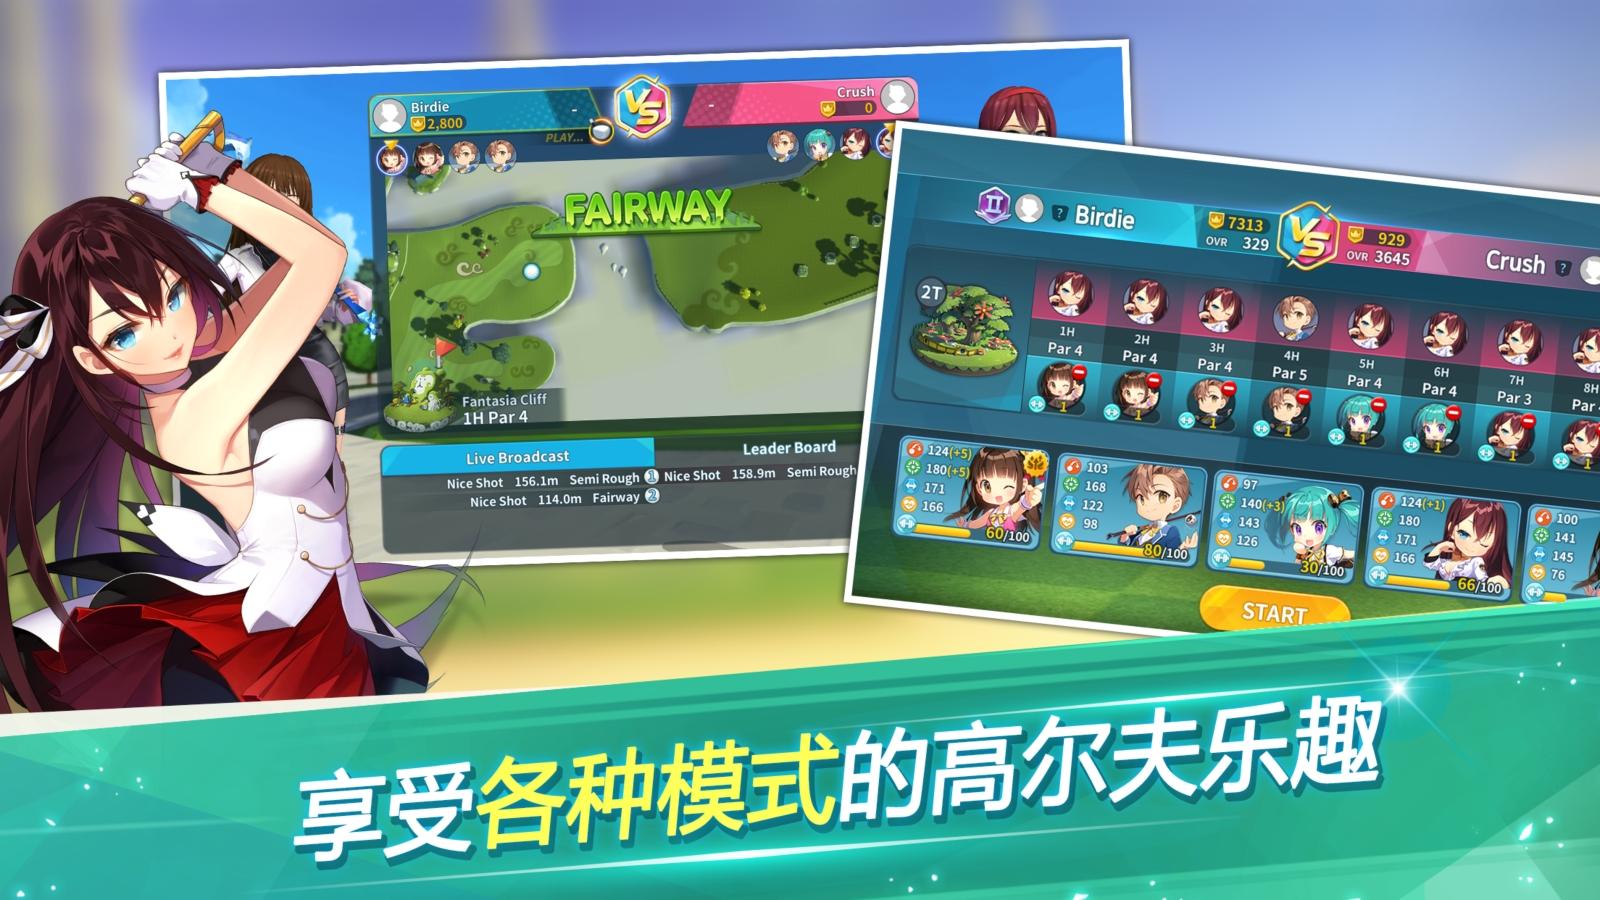 休閒運動高爾夫手遊《萌幻飛球:Fantasy Golf》事前預約火熱進行中!